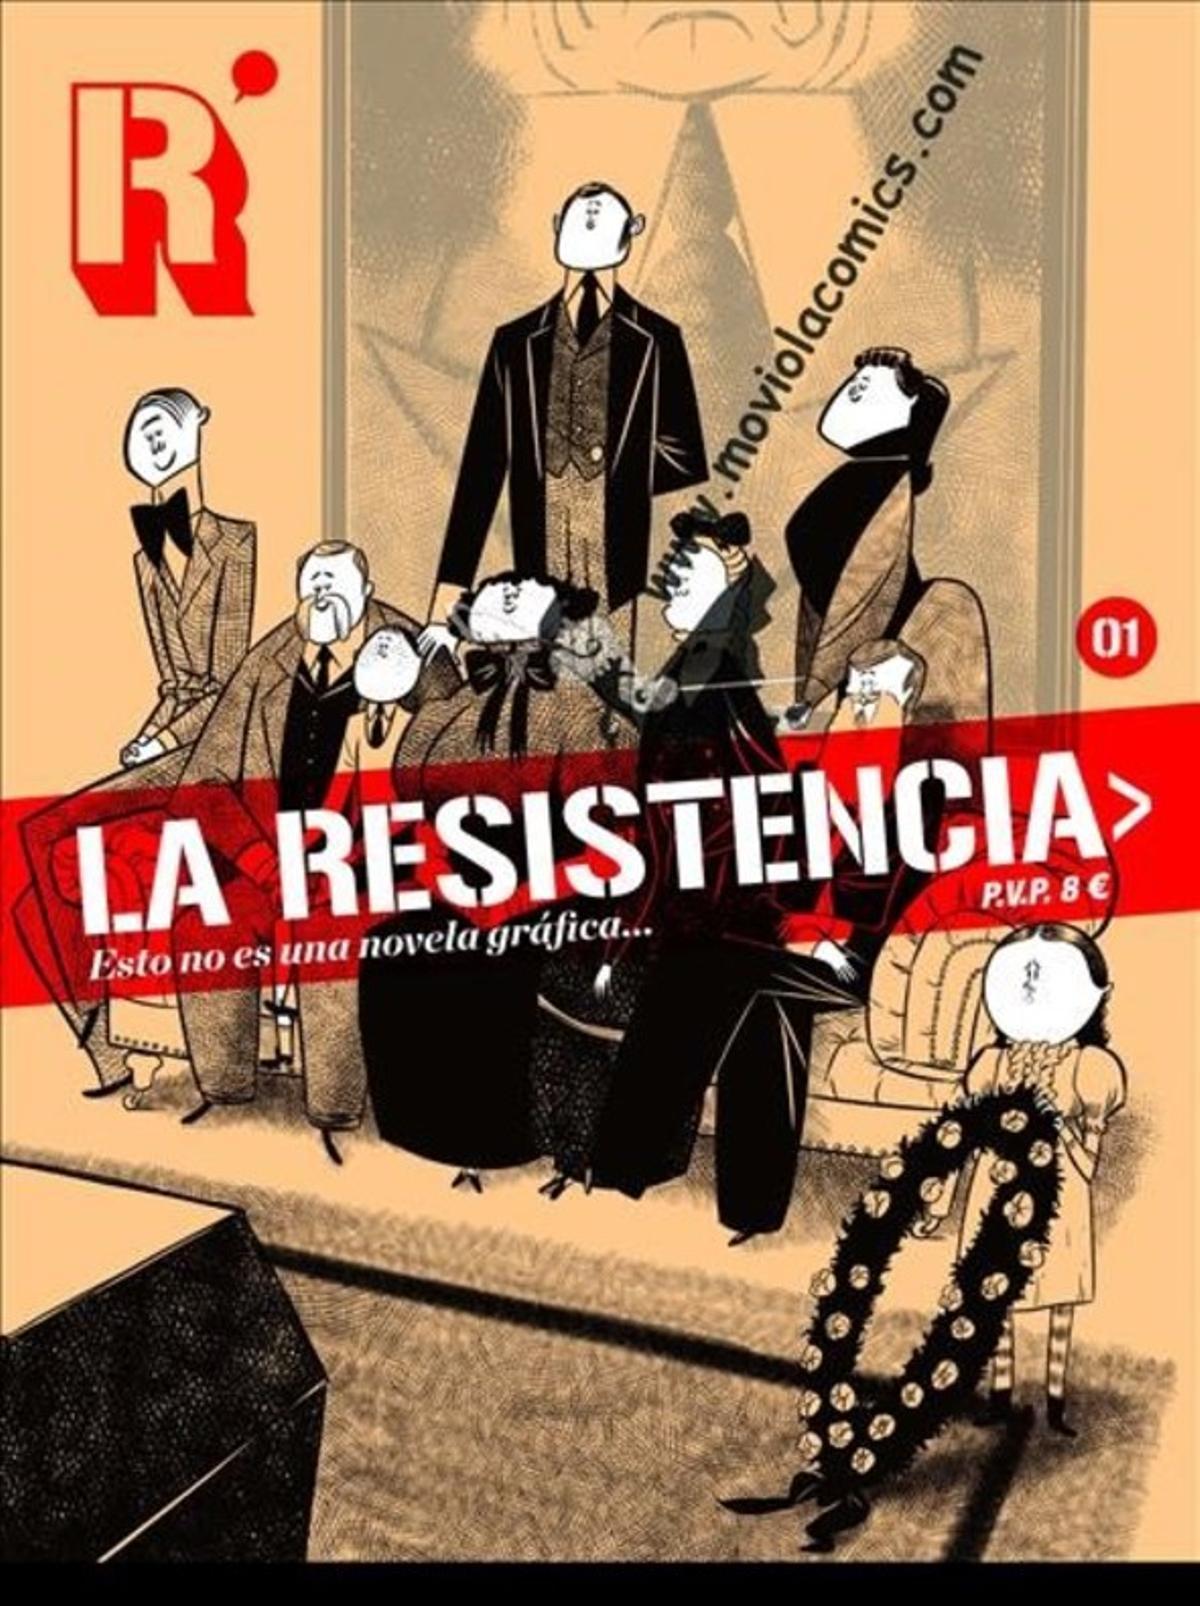 Portada primer número de la revista de cómic 'La resistencia'.